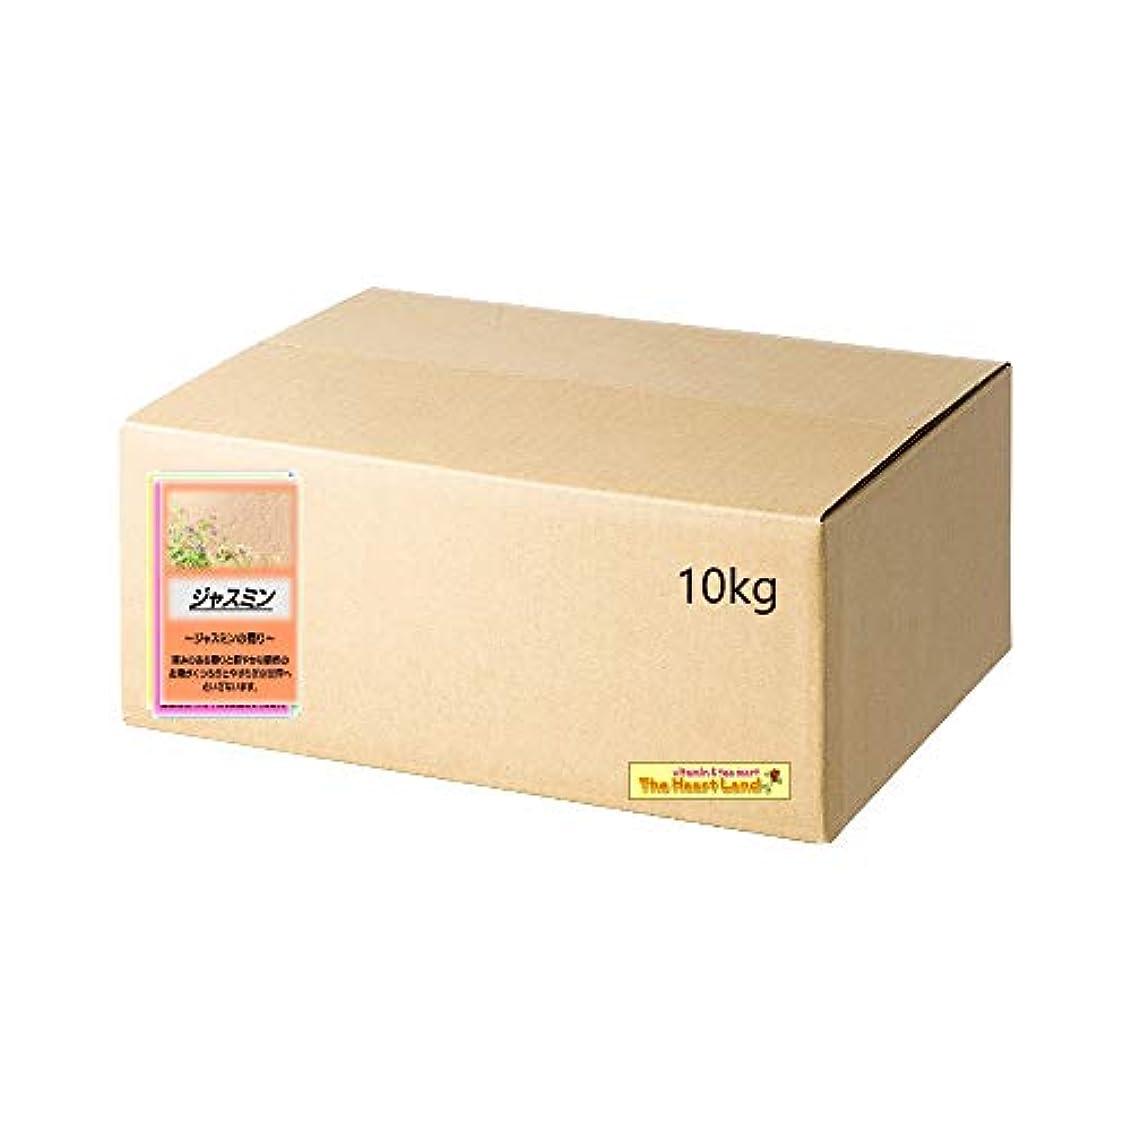 アサヒ入浴剤 浴用入浴化粧品 ジャスミン 10kg